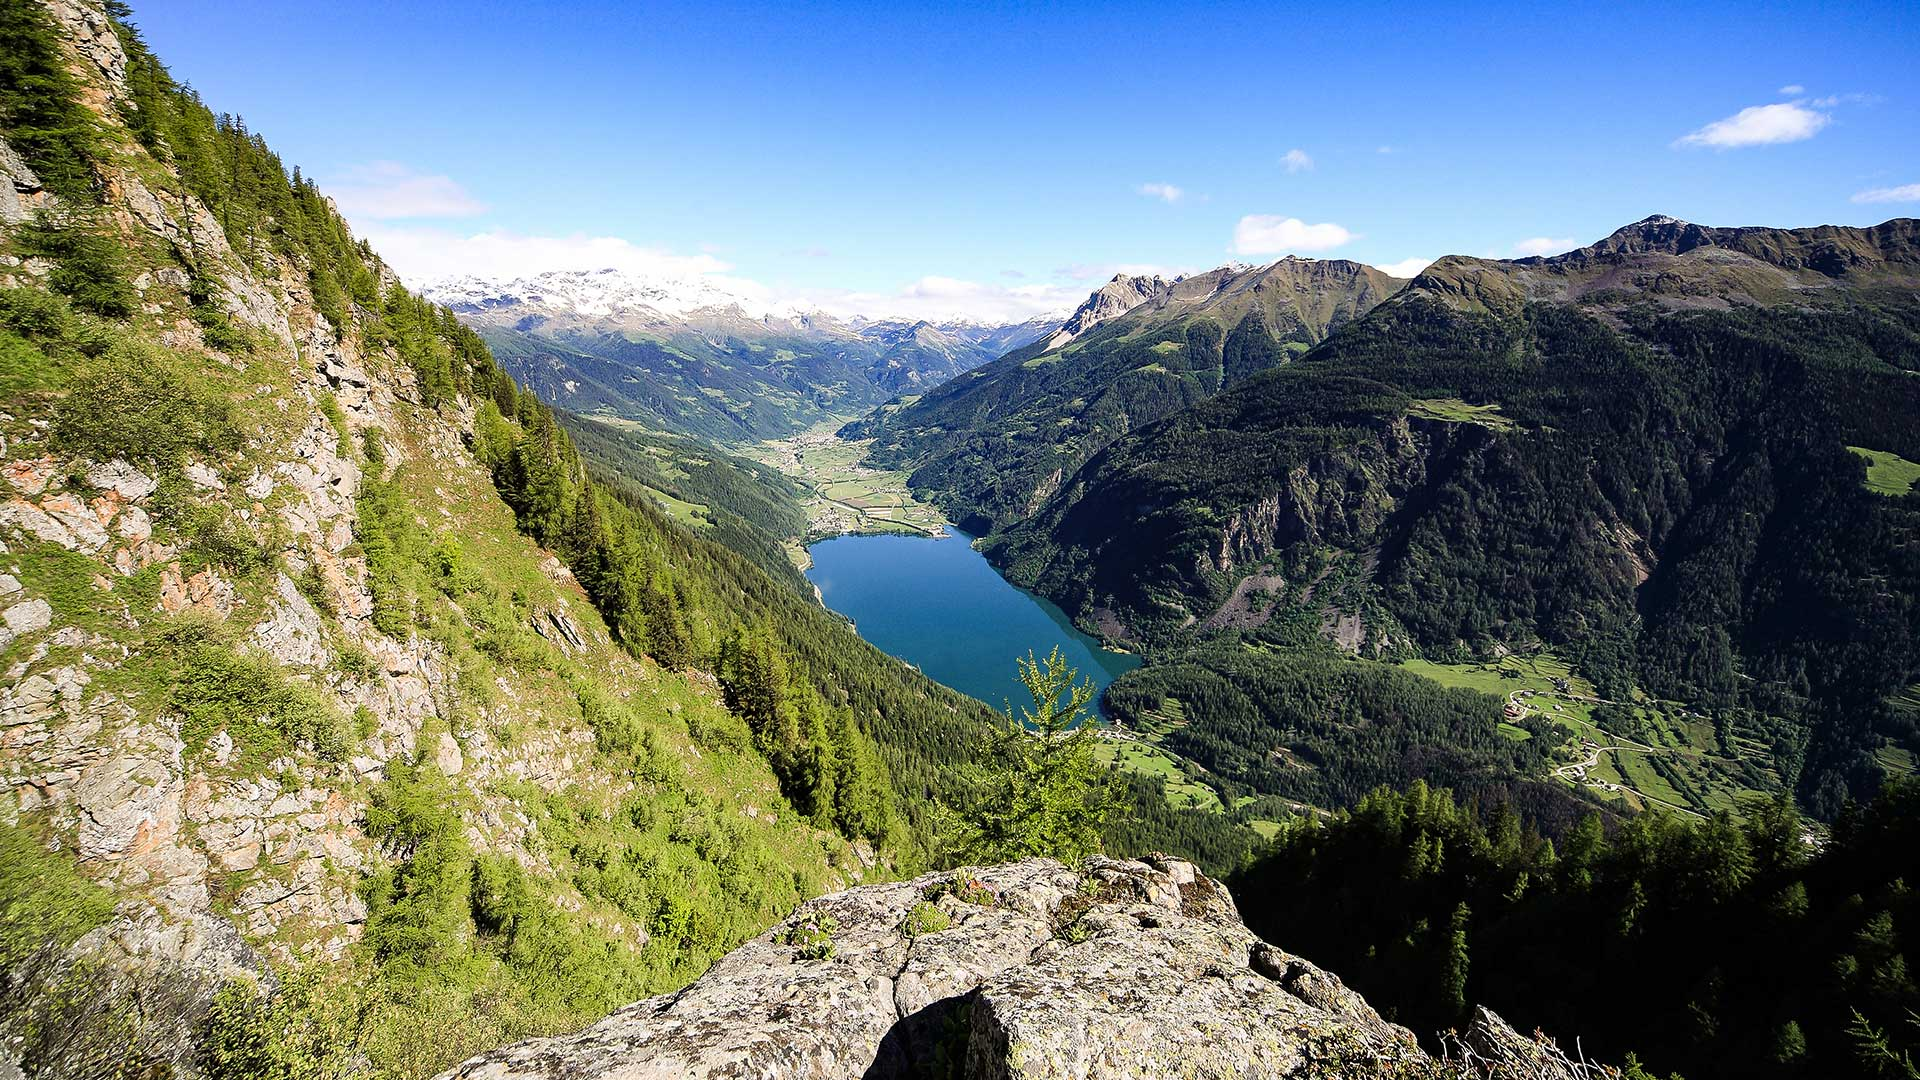 Waldbestattung; Poschiavo liegt im südlichsten Tal des Kantons Graubünden